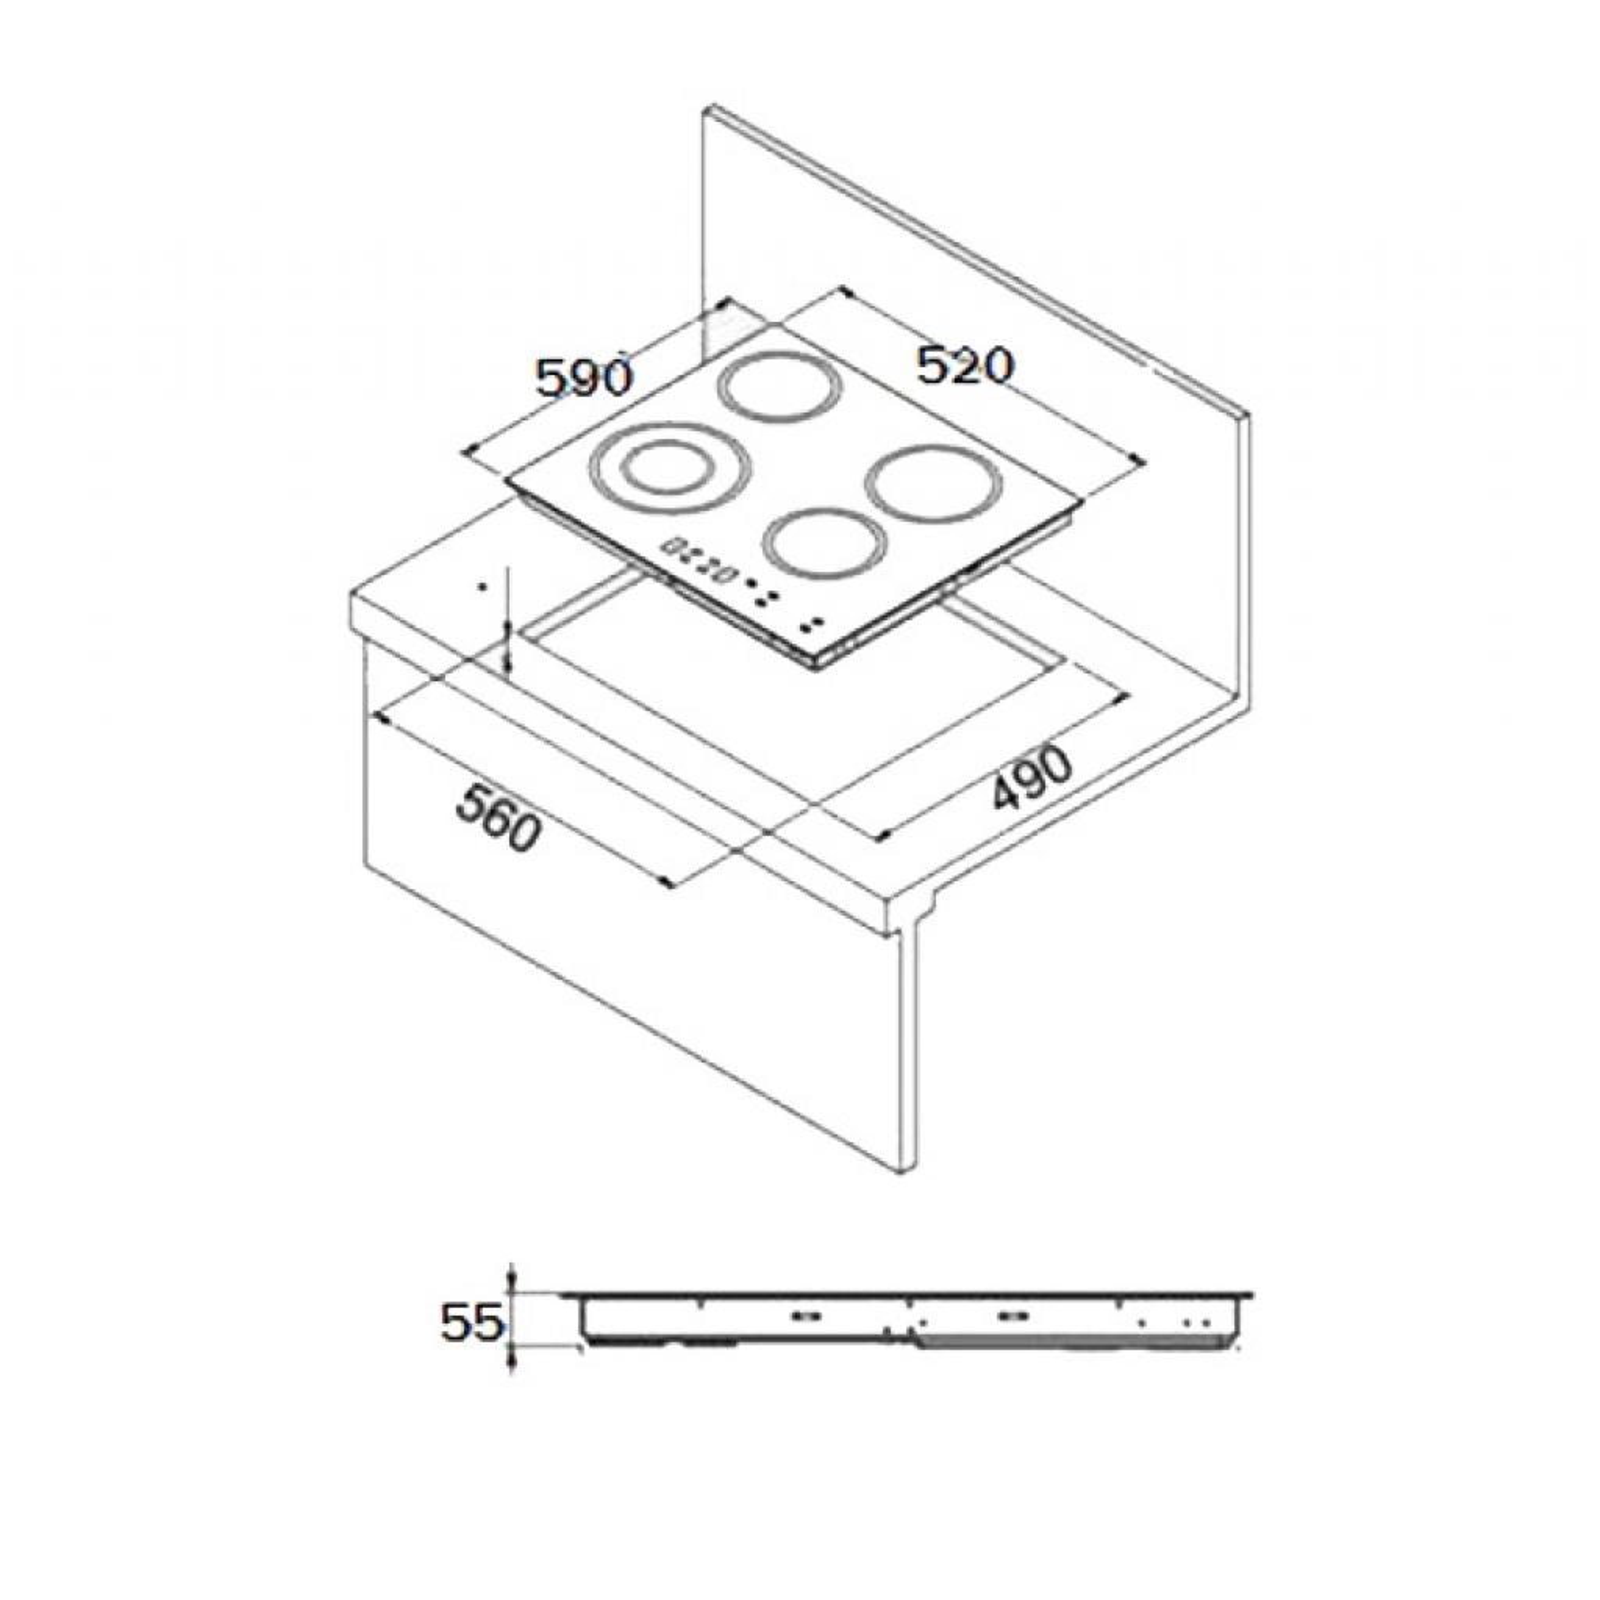 Варочная поверхность LIBERTY PH 6040 B(501) изображение 2